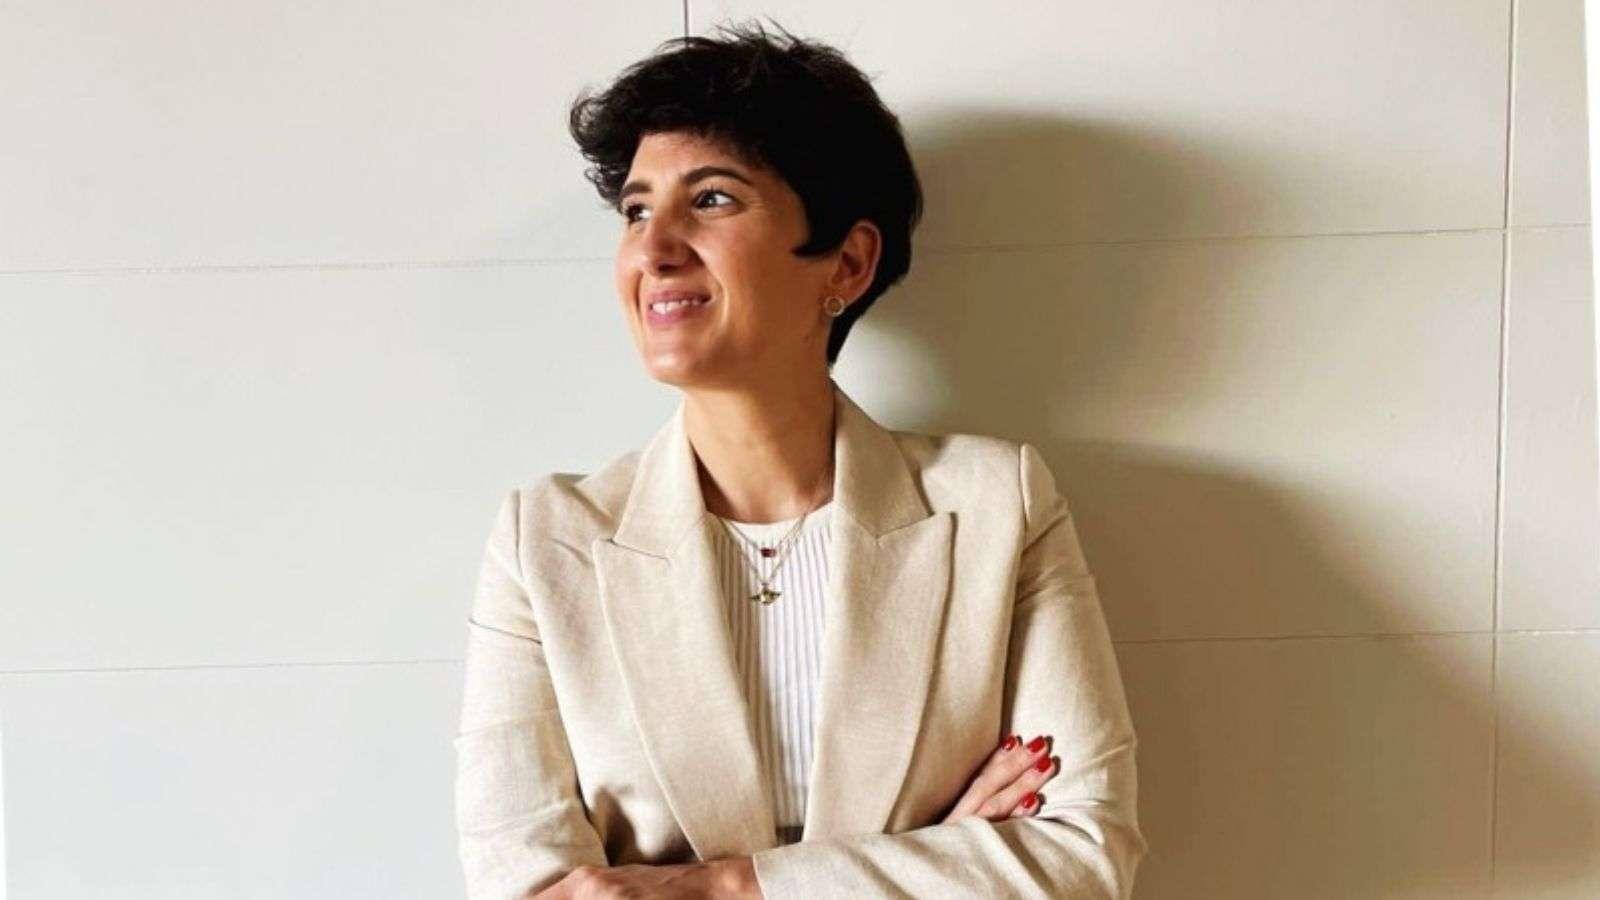 El branded content como nuevo modelo de negocio María Jesús Espinosa de los Monteros